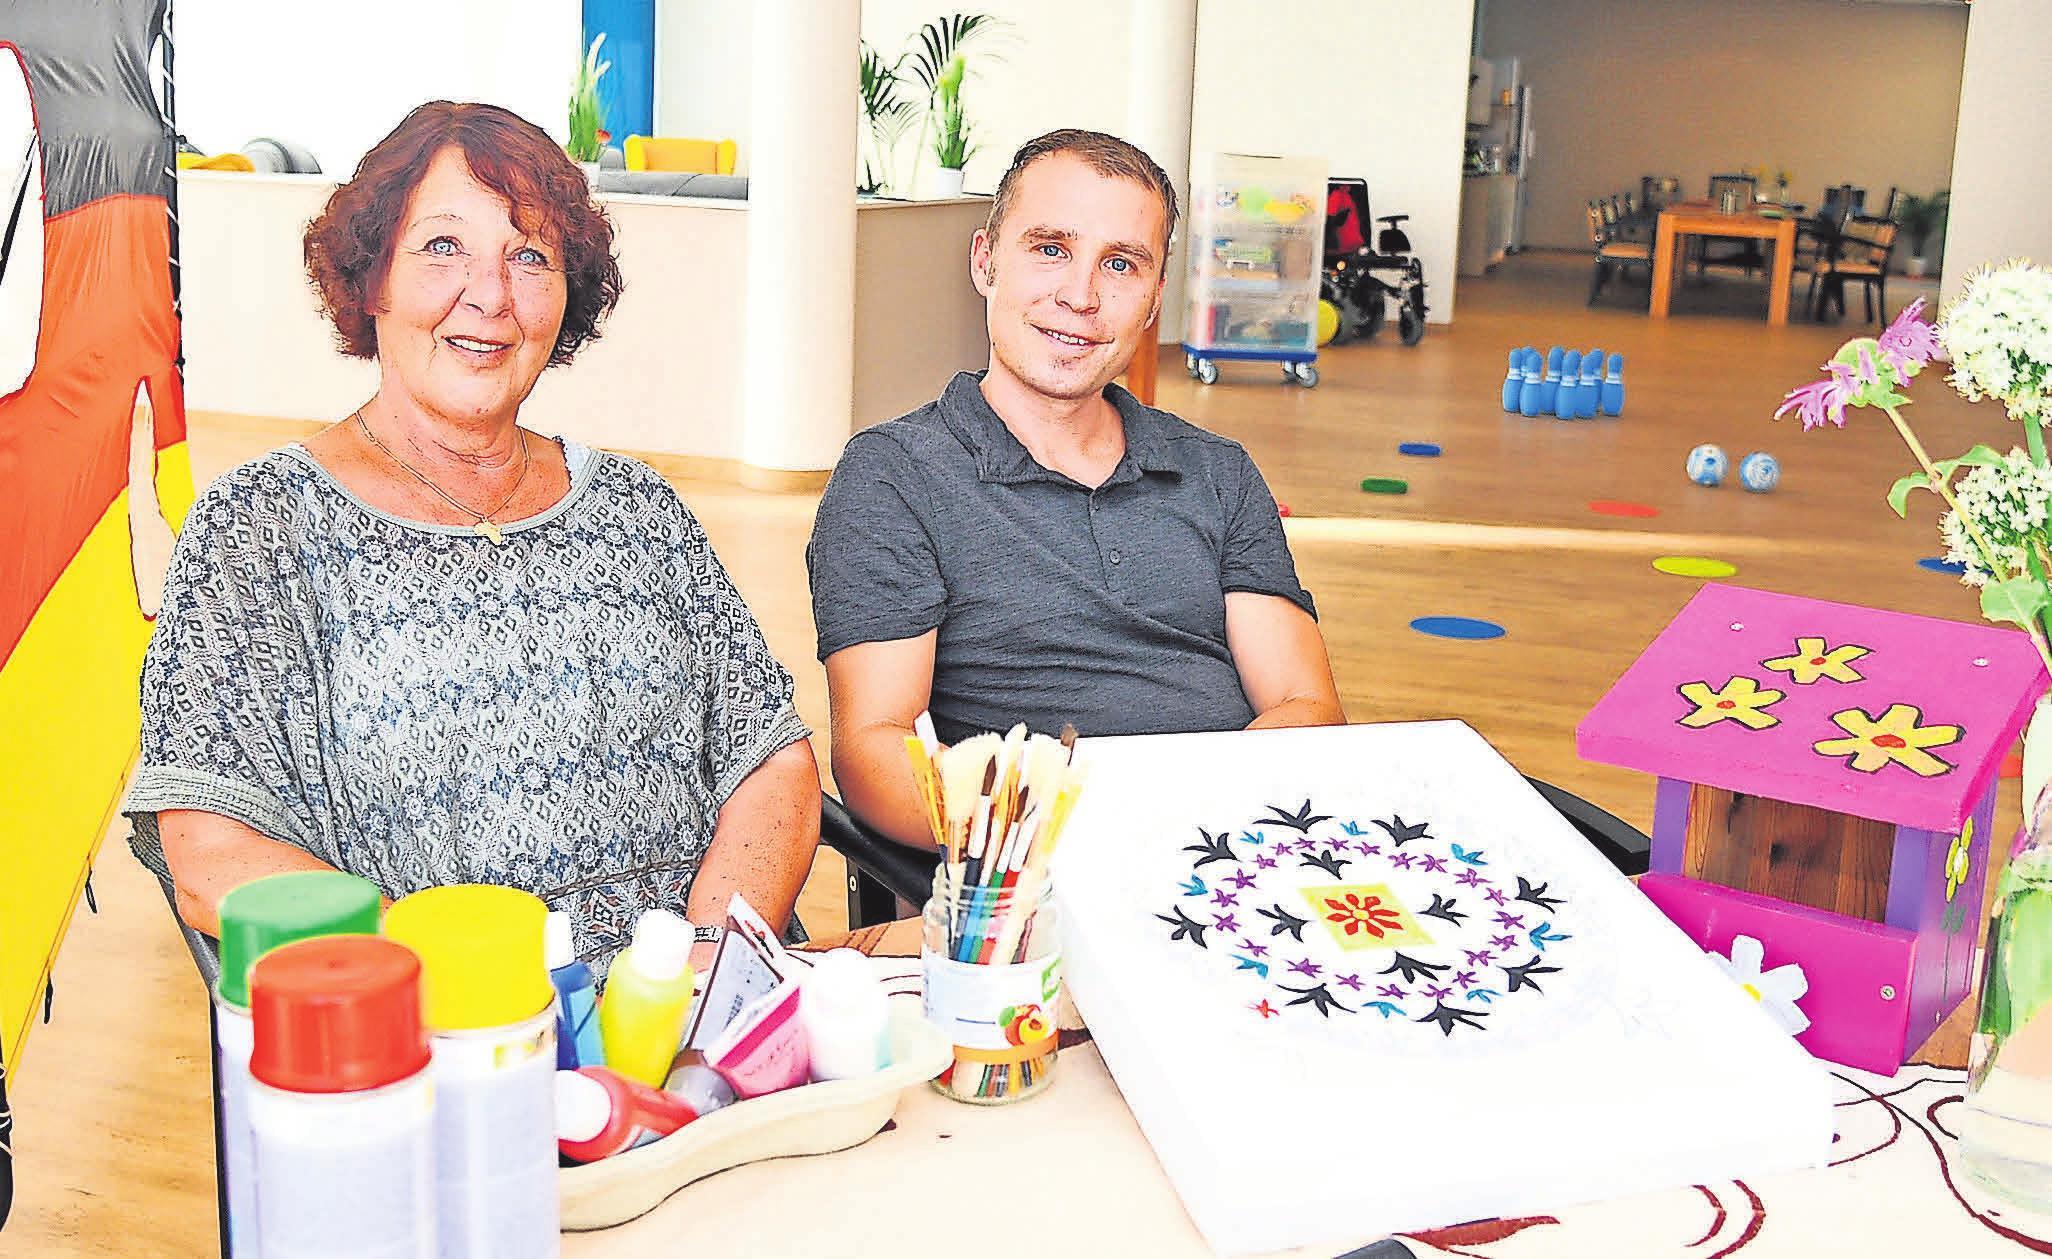 Um Pflege anders zu gestalten und Senioren nach ihren Vorstellungen unterstützen zu können, haben Felicitas Schreiber und Harald Nickel im März 2018 die Tagespflege Das Gästehaus am Rethener Markt eröffnet.